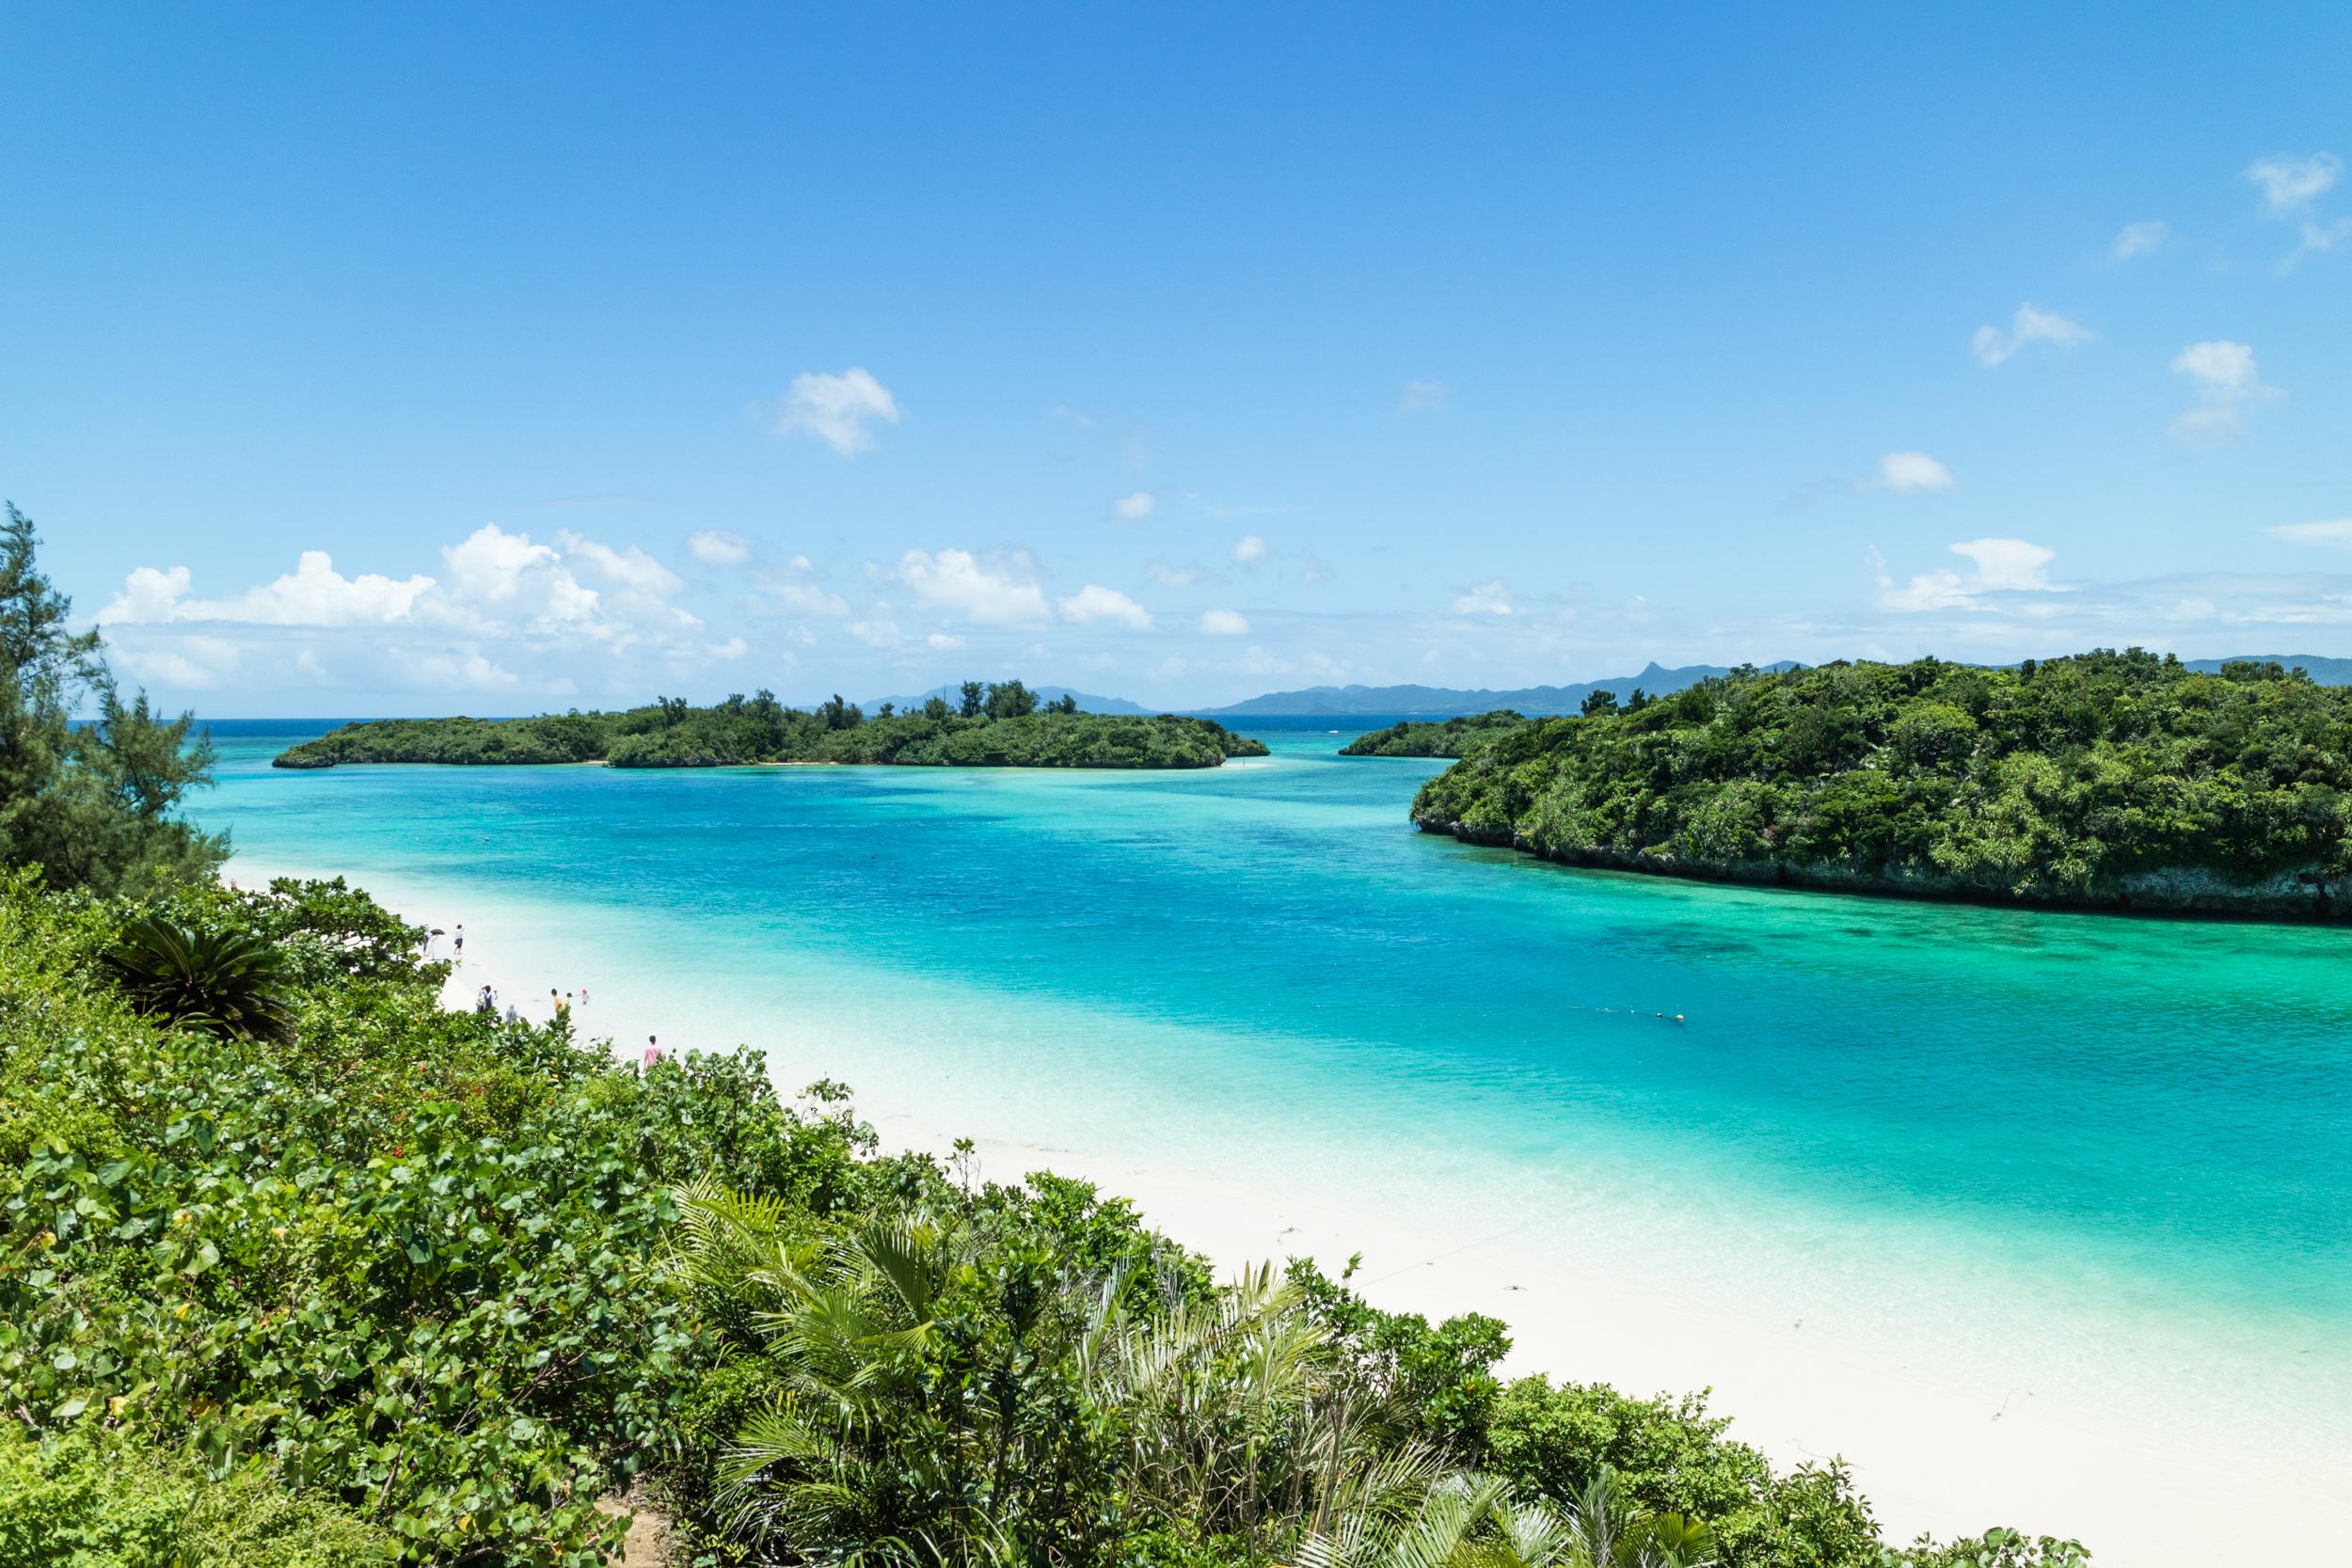 Ишигаки, Япония.Островът е красив микс от различни ландшафти – пясъчни плажове, коралови рифове, планини и мангрови гори. Възможността да се докоснете до всяко едно място в рамките на един ден, прави остров Ишигаки все по-популярен сред туристите.